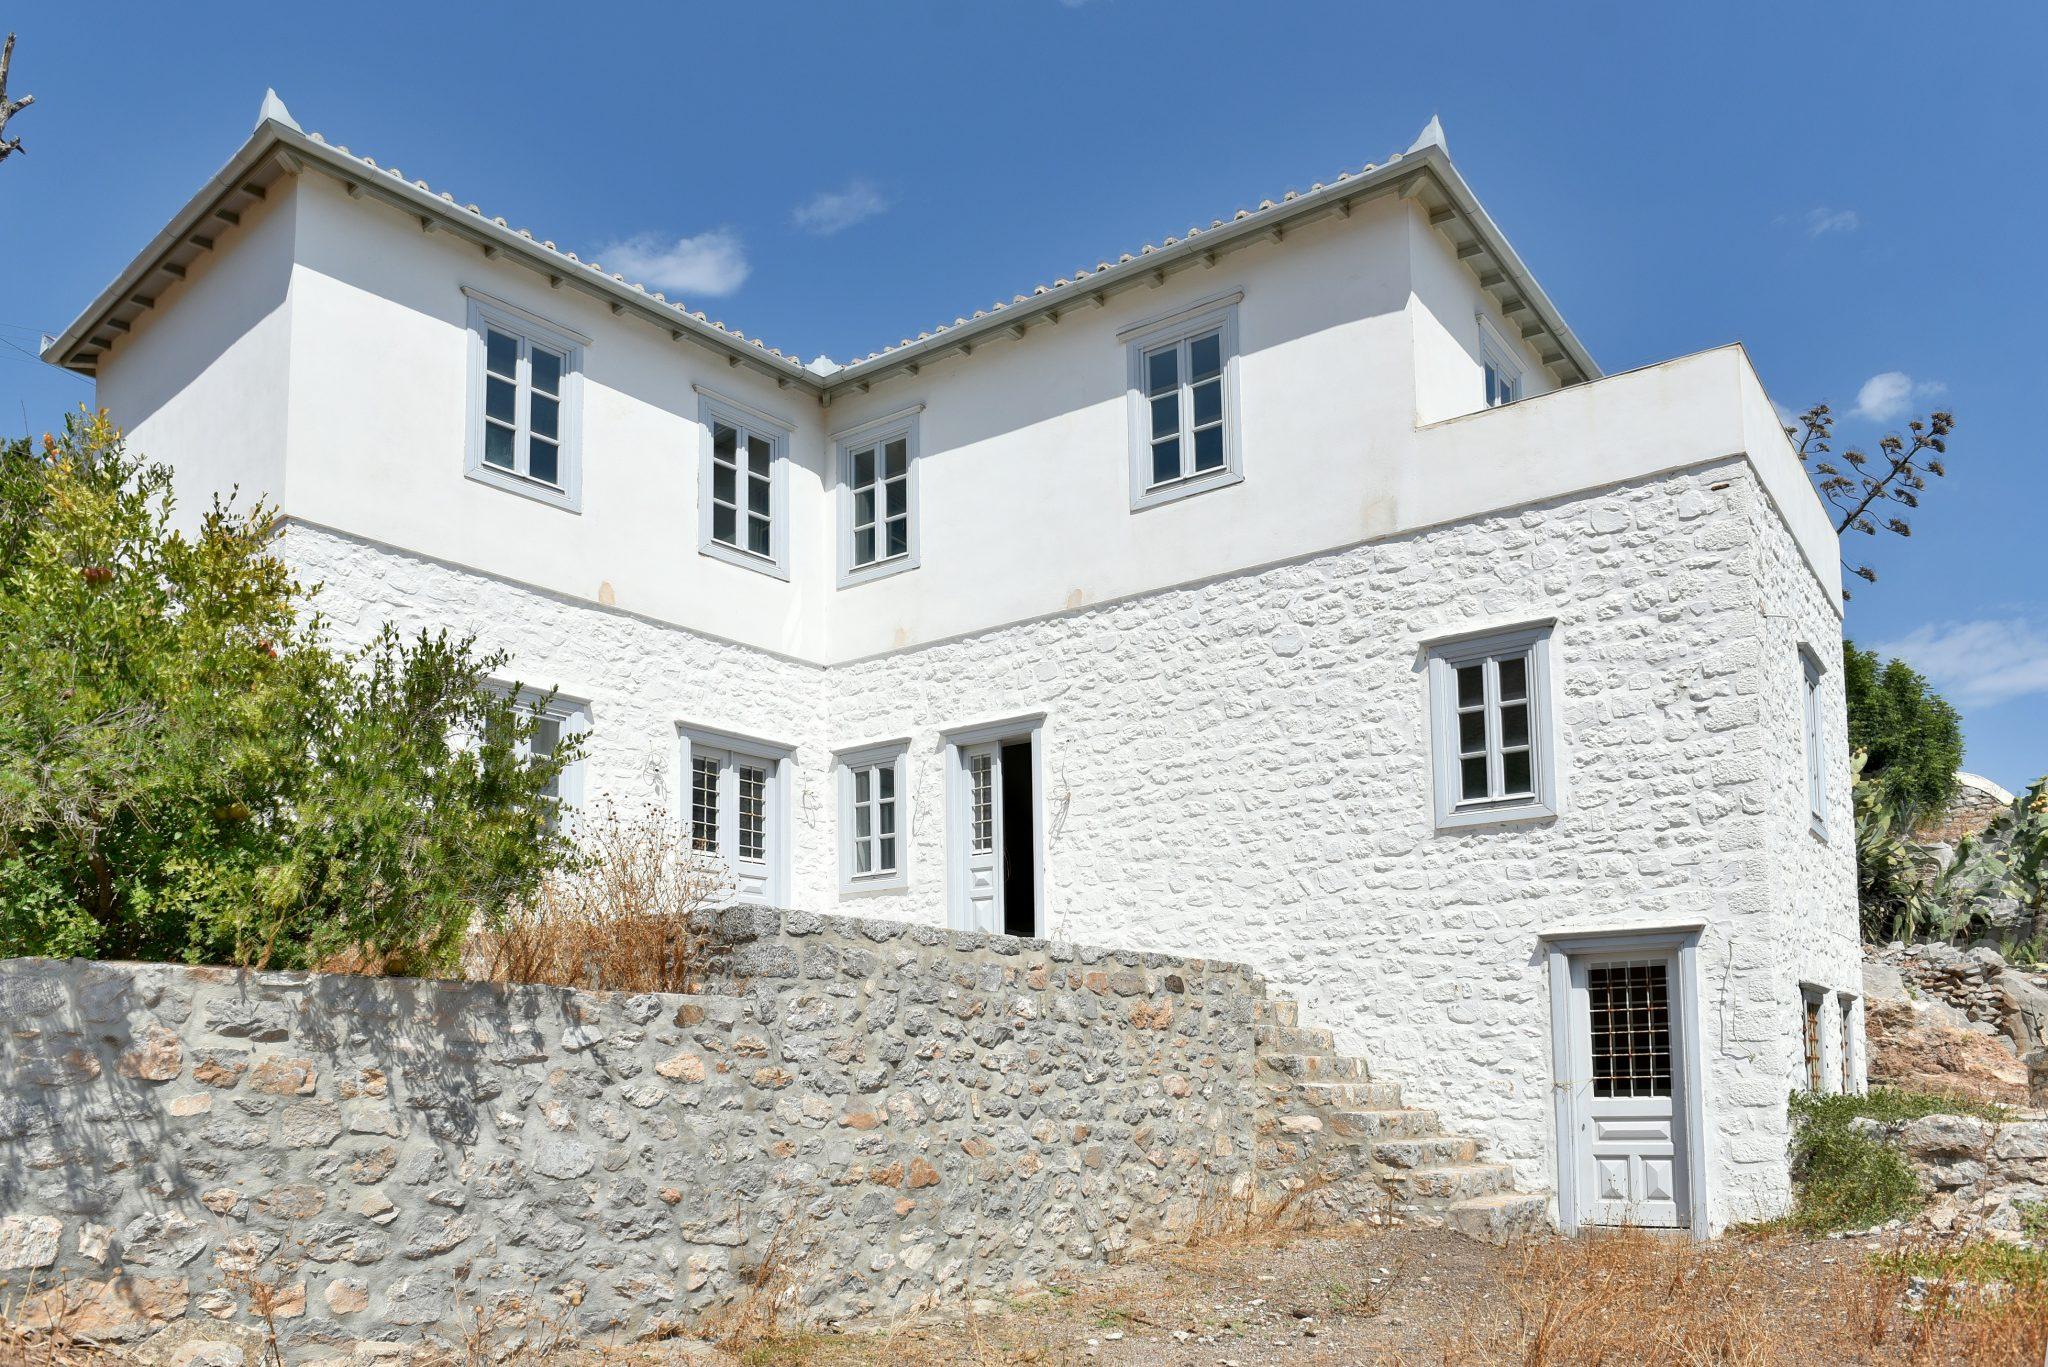 Maison, Hydra - Ref GR-4803